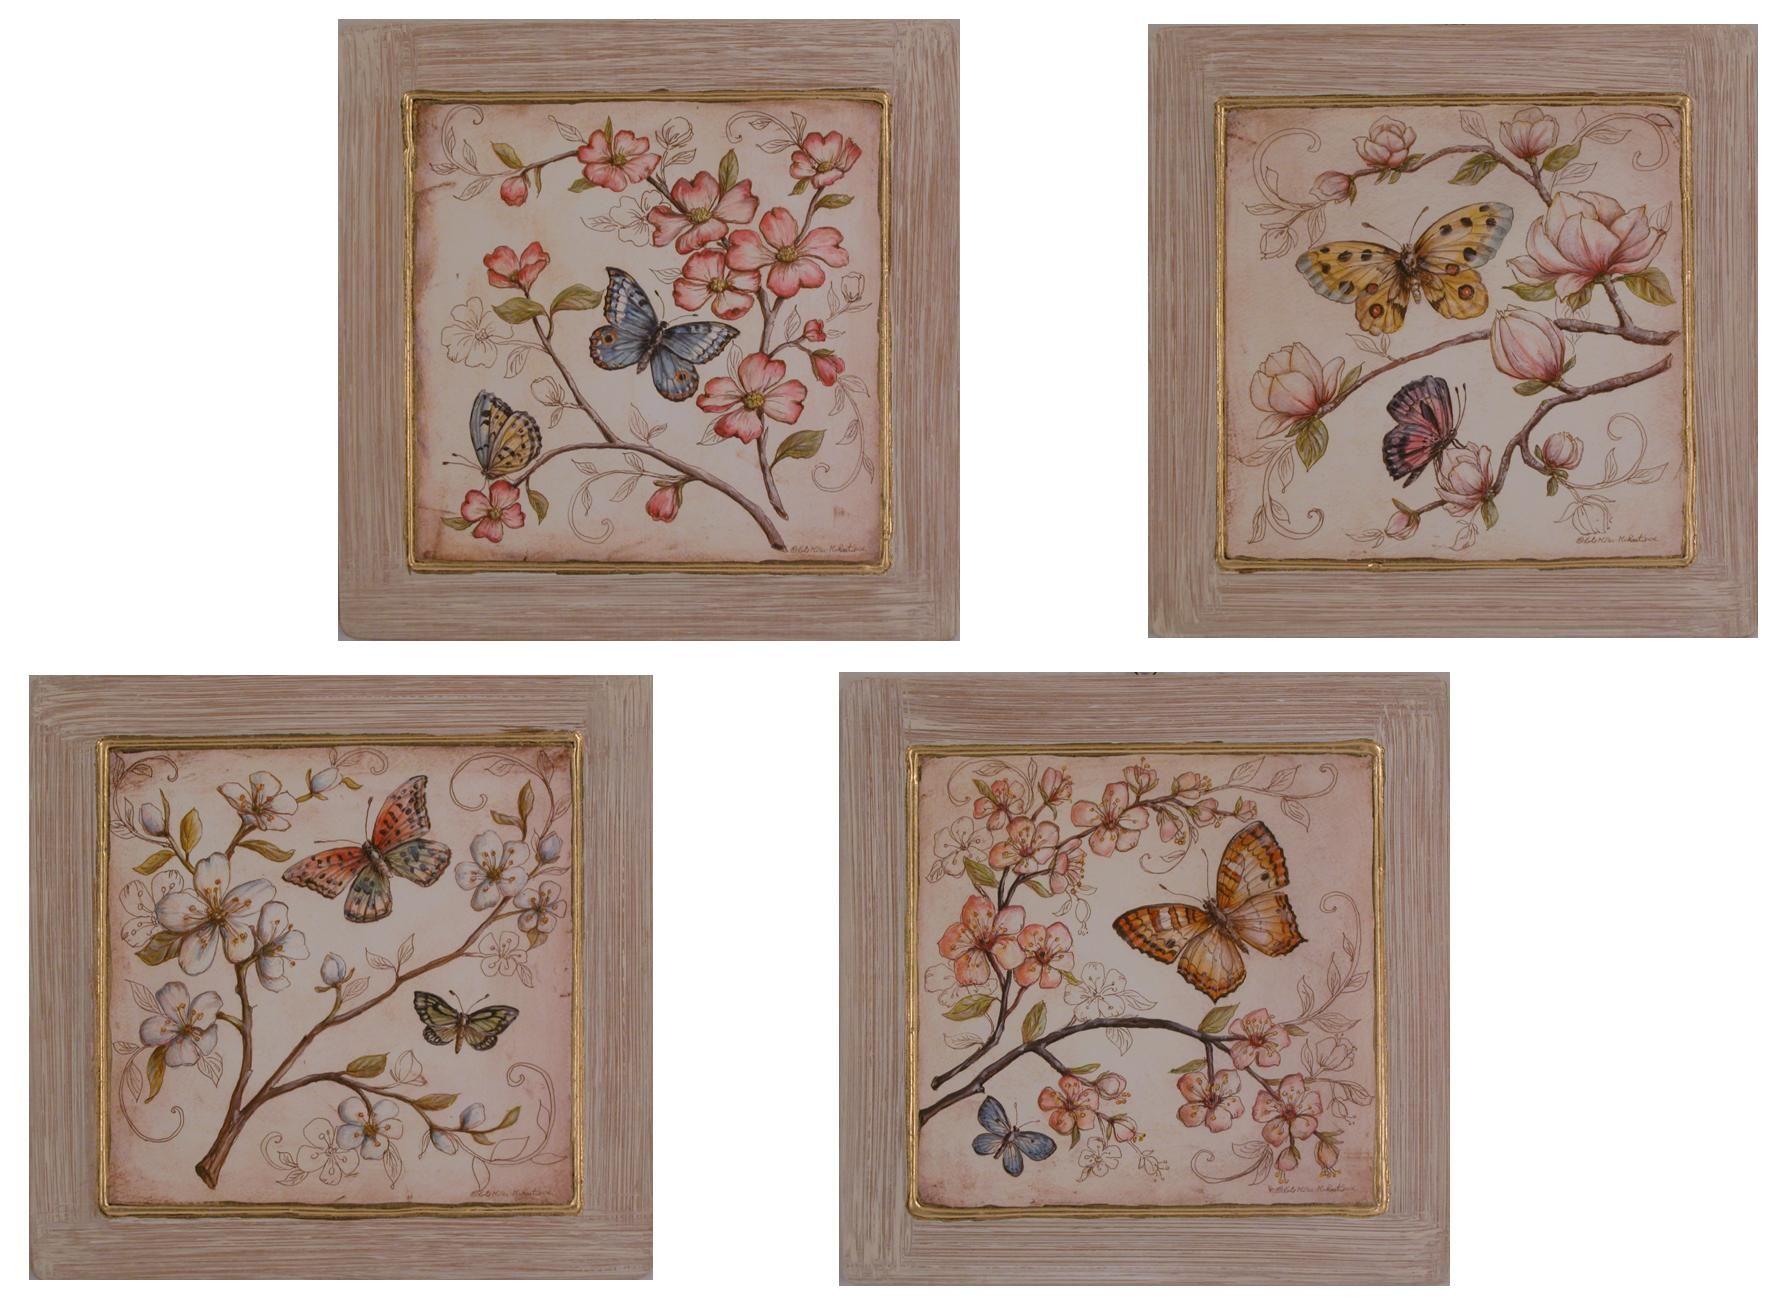 Quadri Classici Per Arredamento quadri shabby chic raffiguranti fiori e farfalle | shabby